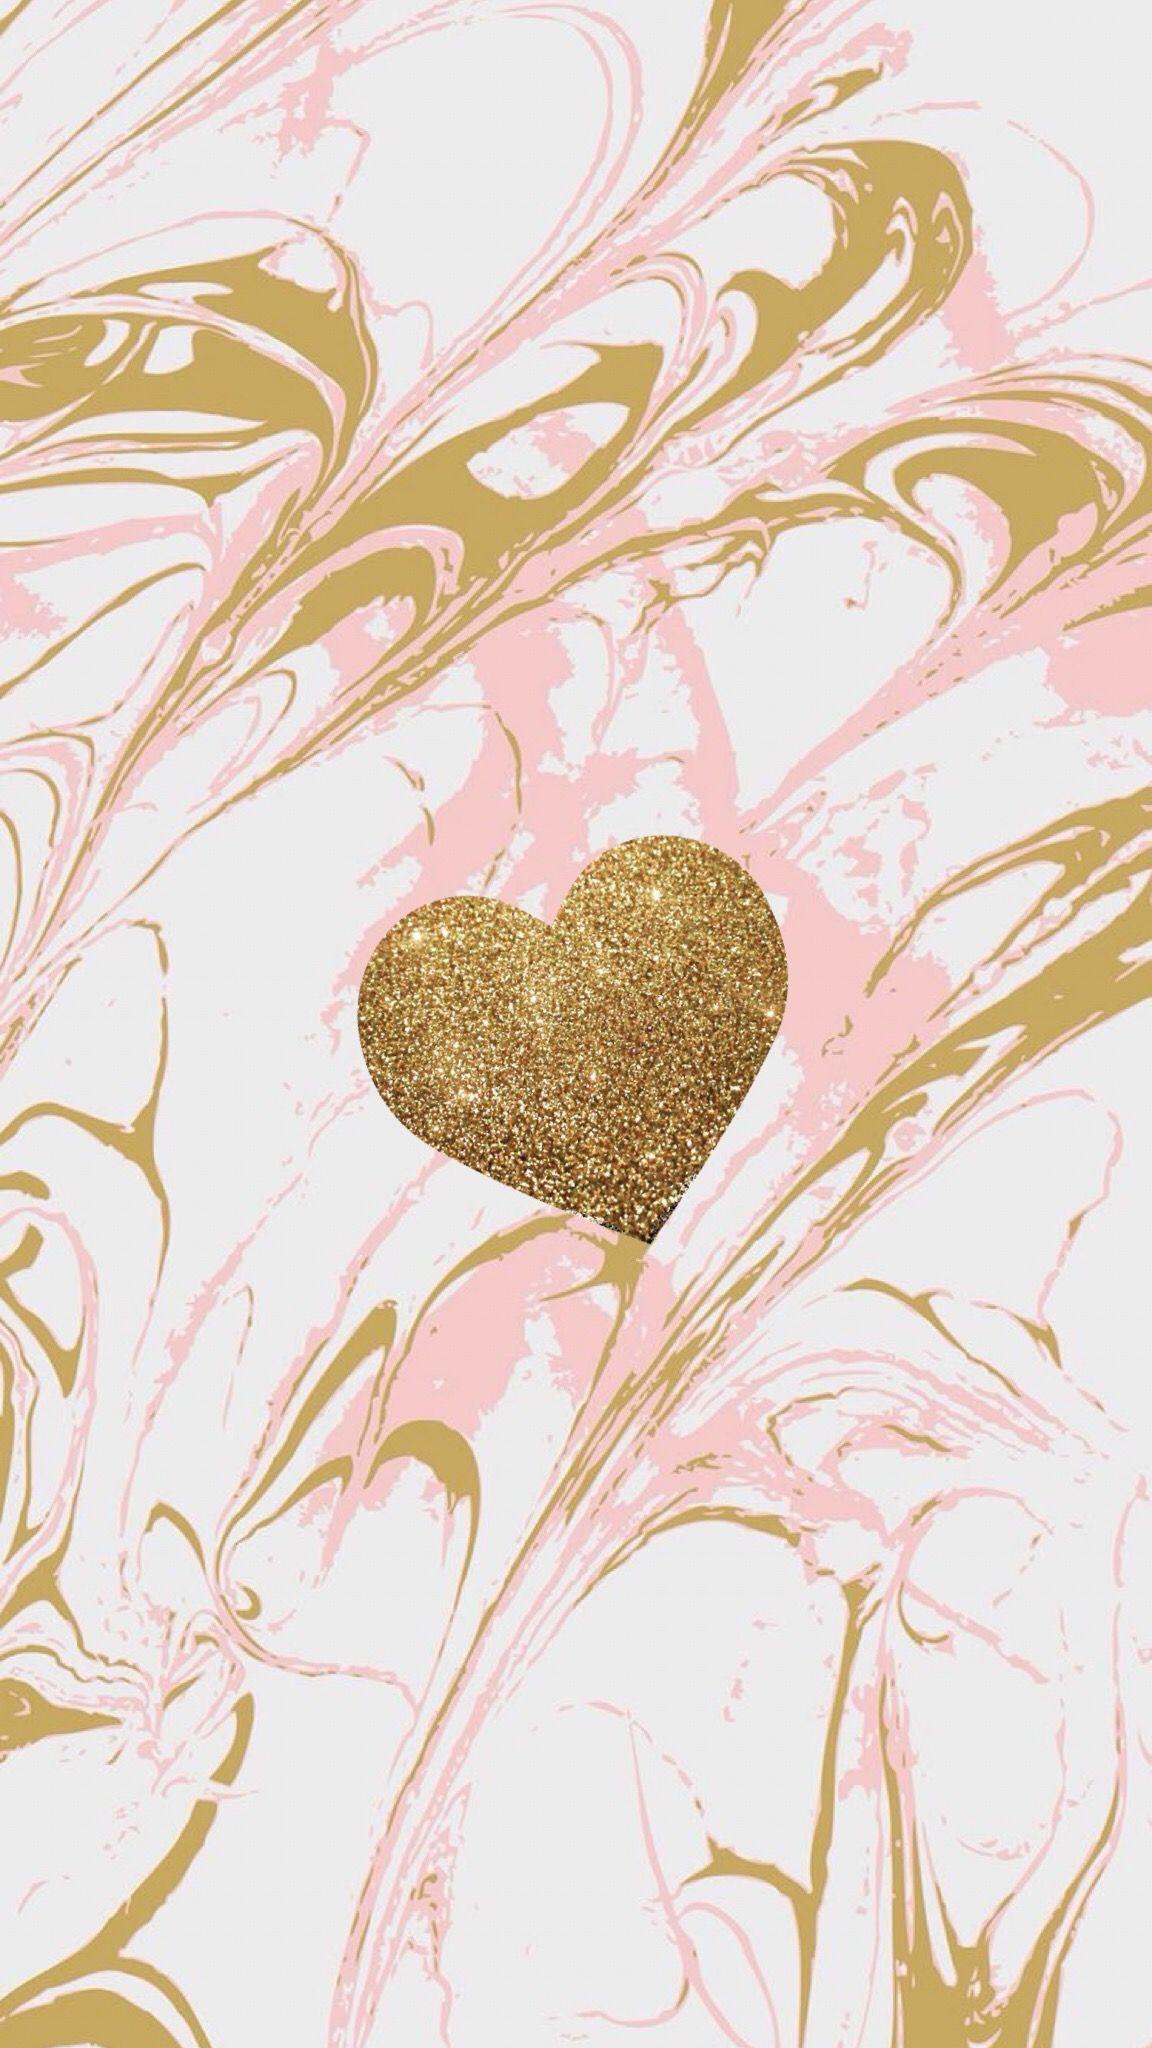 Pin By Fernanda Motta On Wallpapers Heart Iphone Wallpaper Heart Wallpaper Iphone Lockscreen Wallpaper